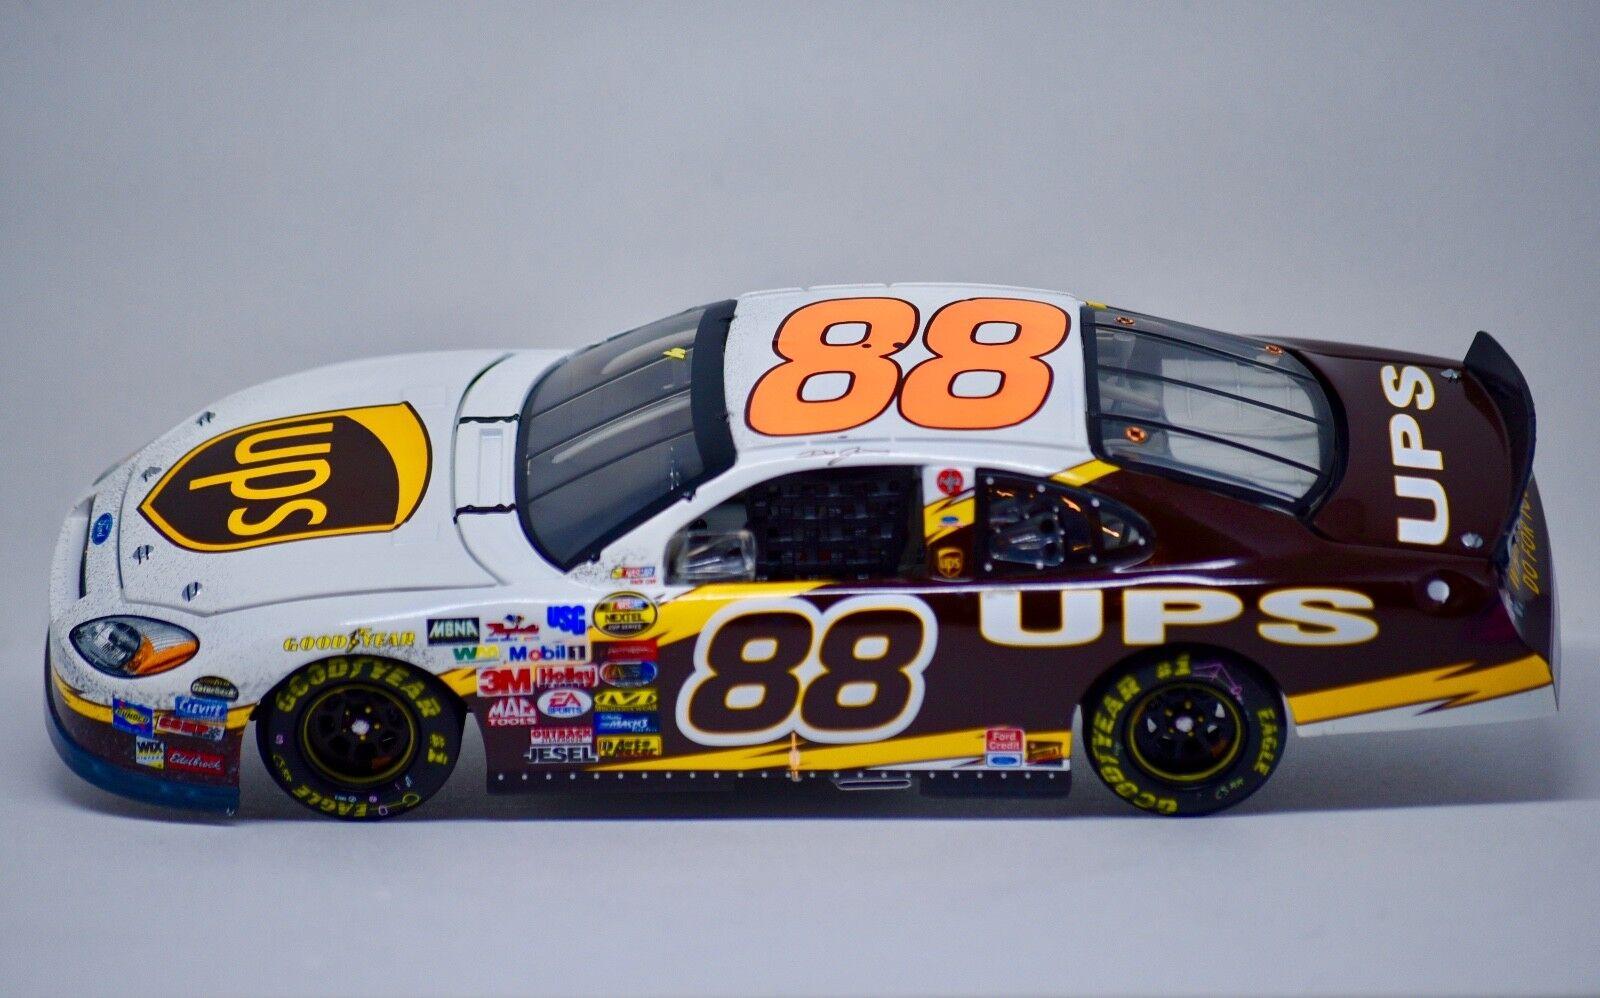 2004-Action NASCAR Dale Jarrett  88 UPS couru version Daytona échelle 1 24 nouveau